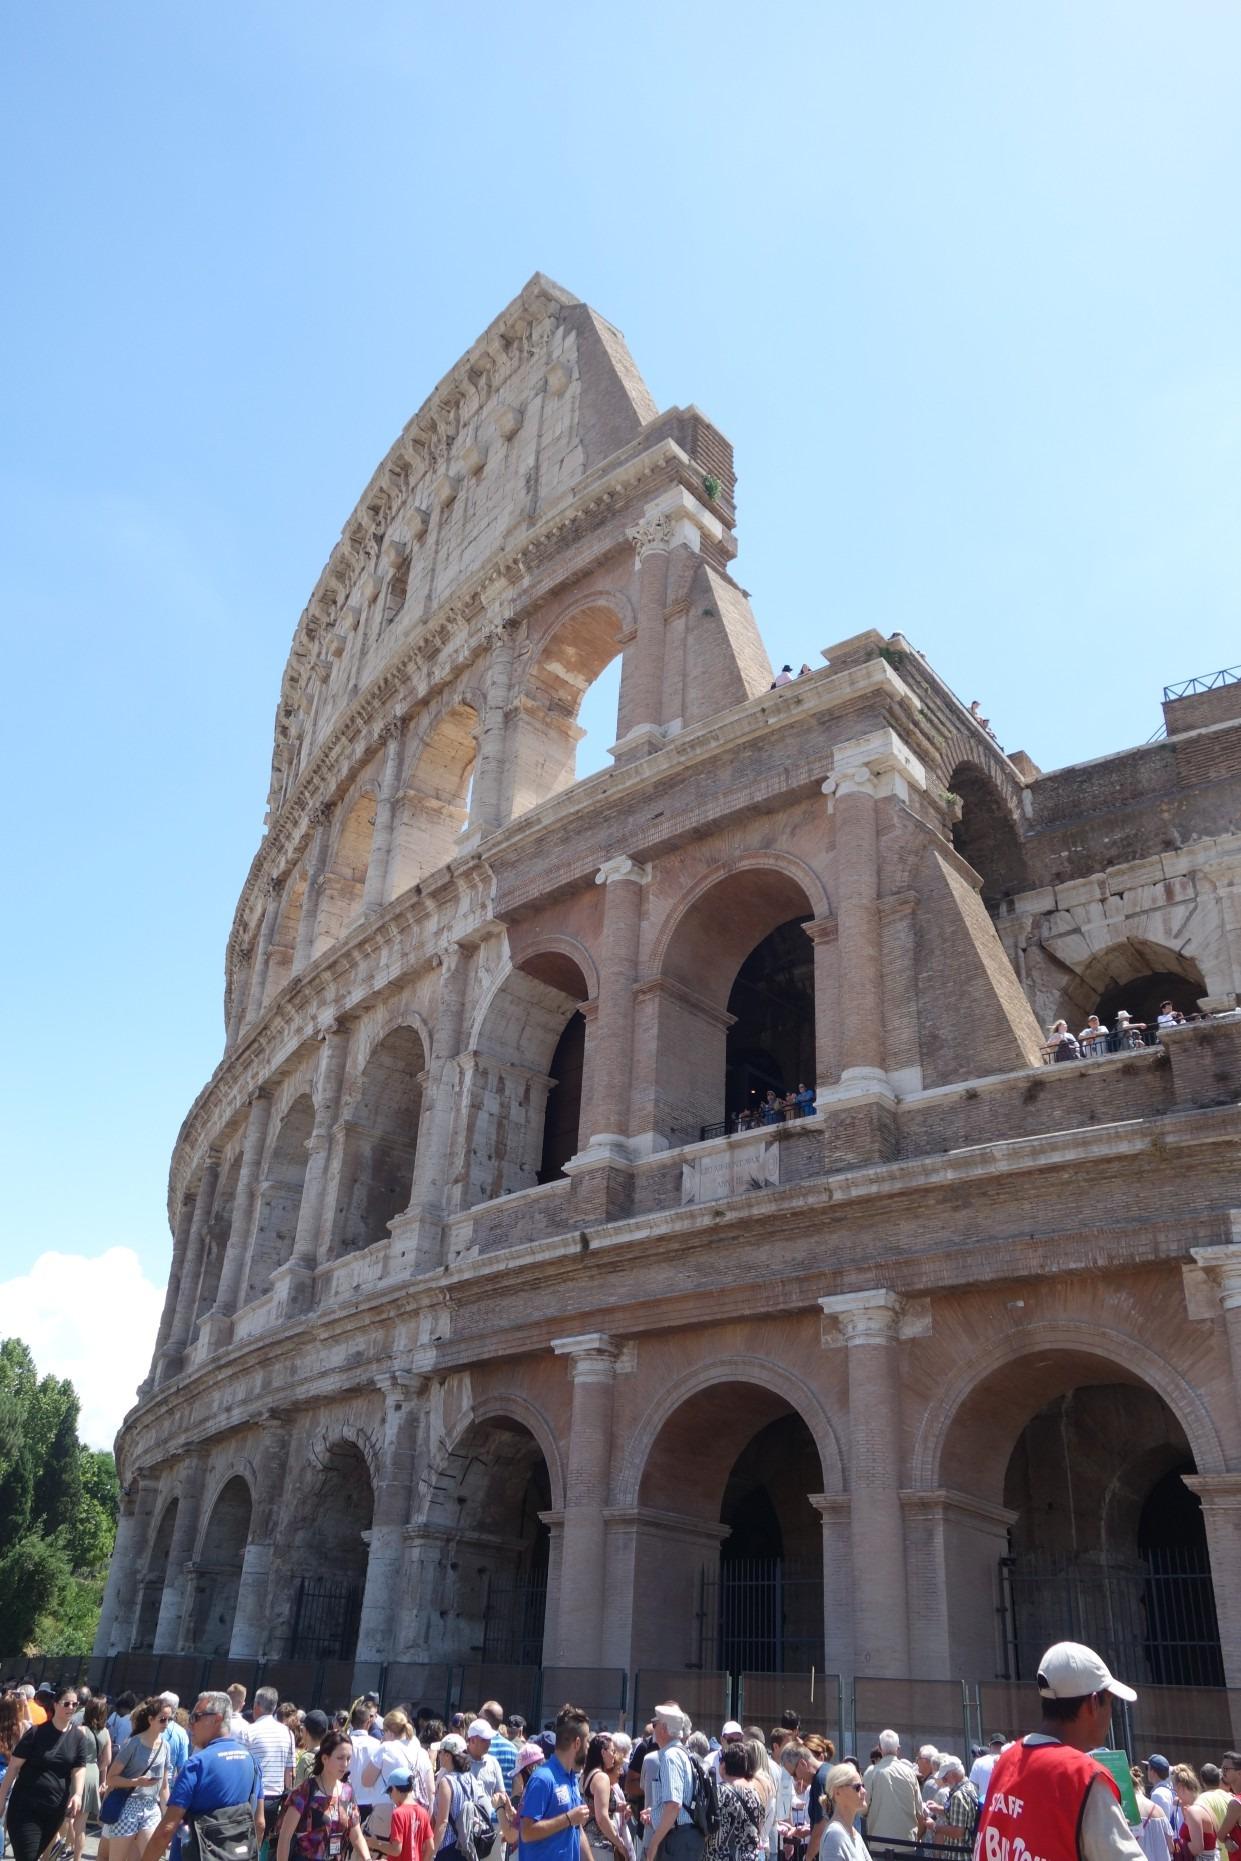 ローマ屈指の人気観光スポット「コロッセオ」